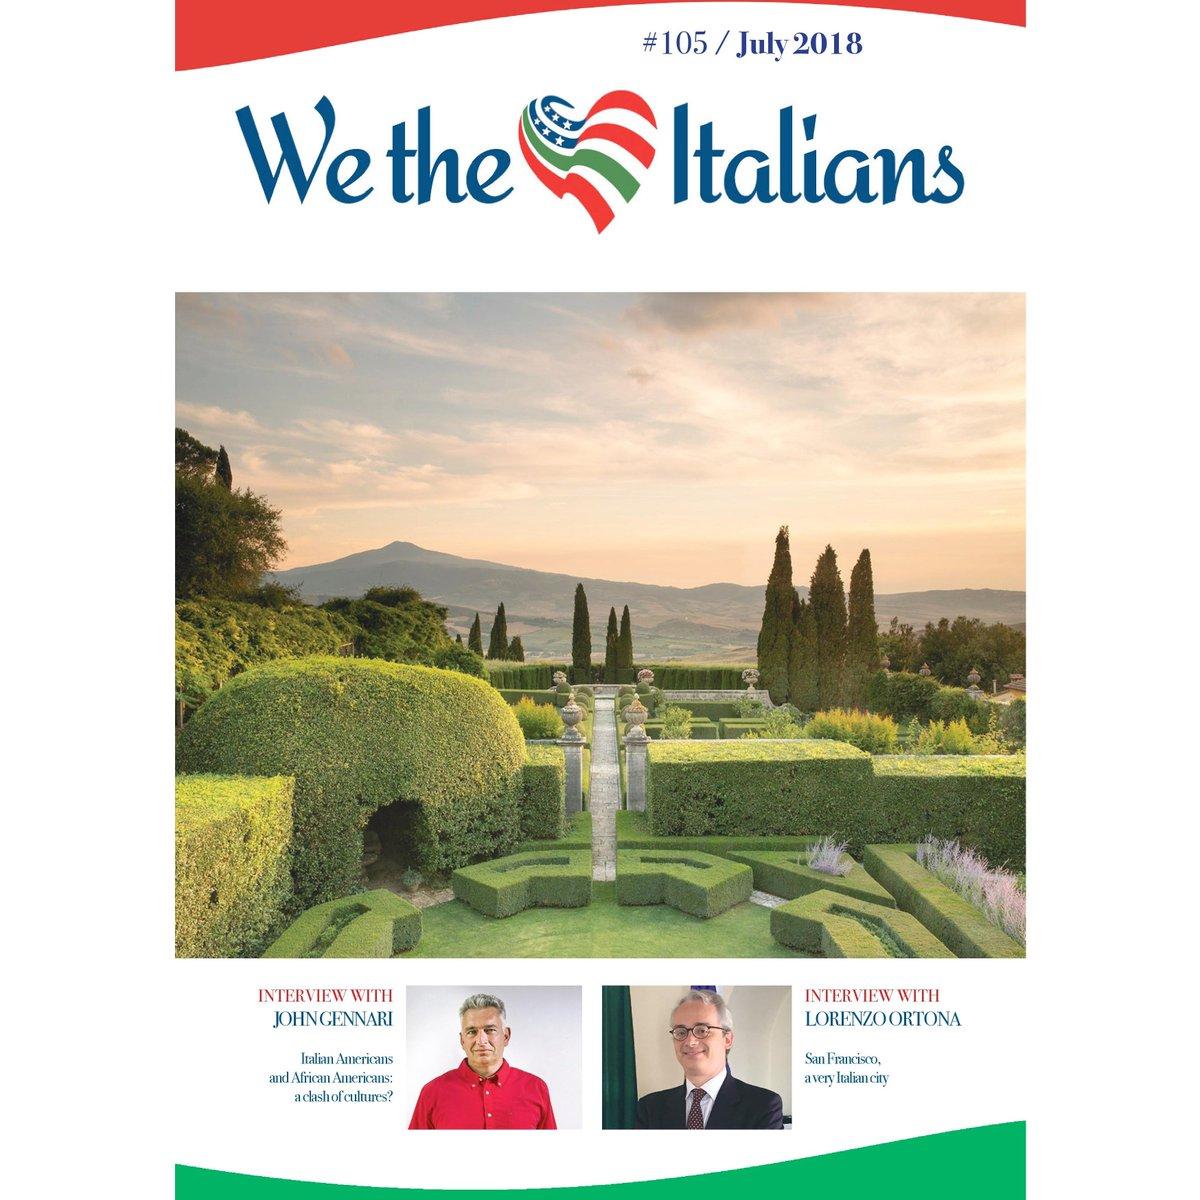 We the Italians on Twitter: